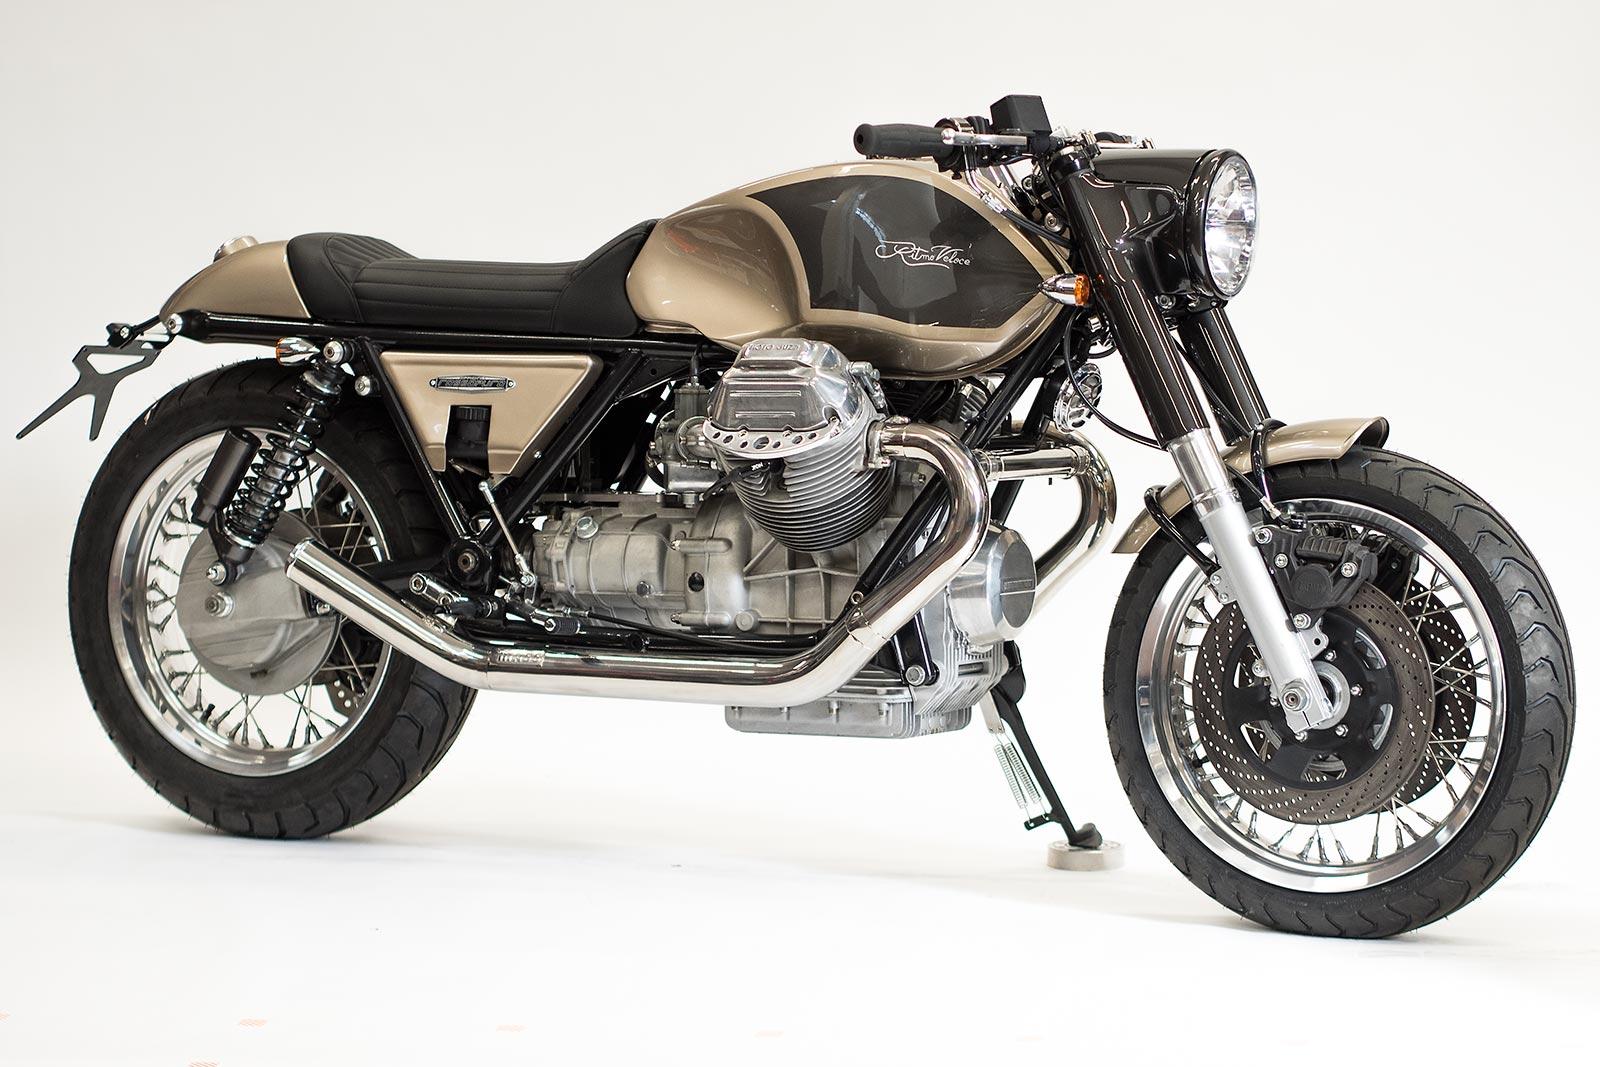 Moto Guzzi Ritmo Veloce by Officine Rossopuro (3)